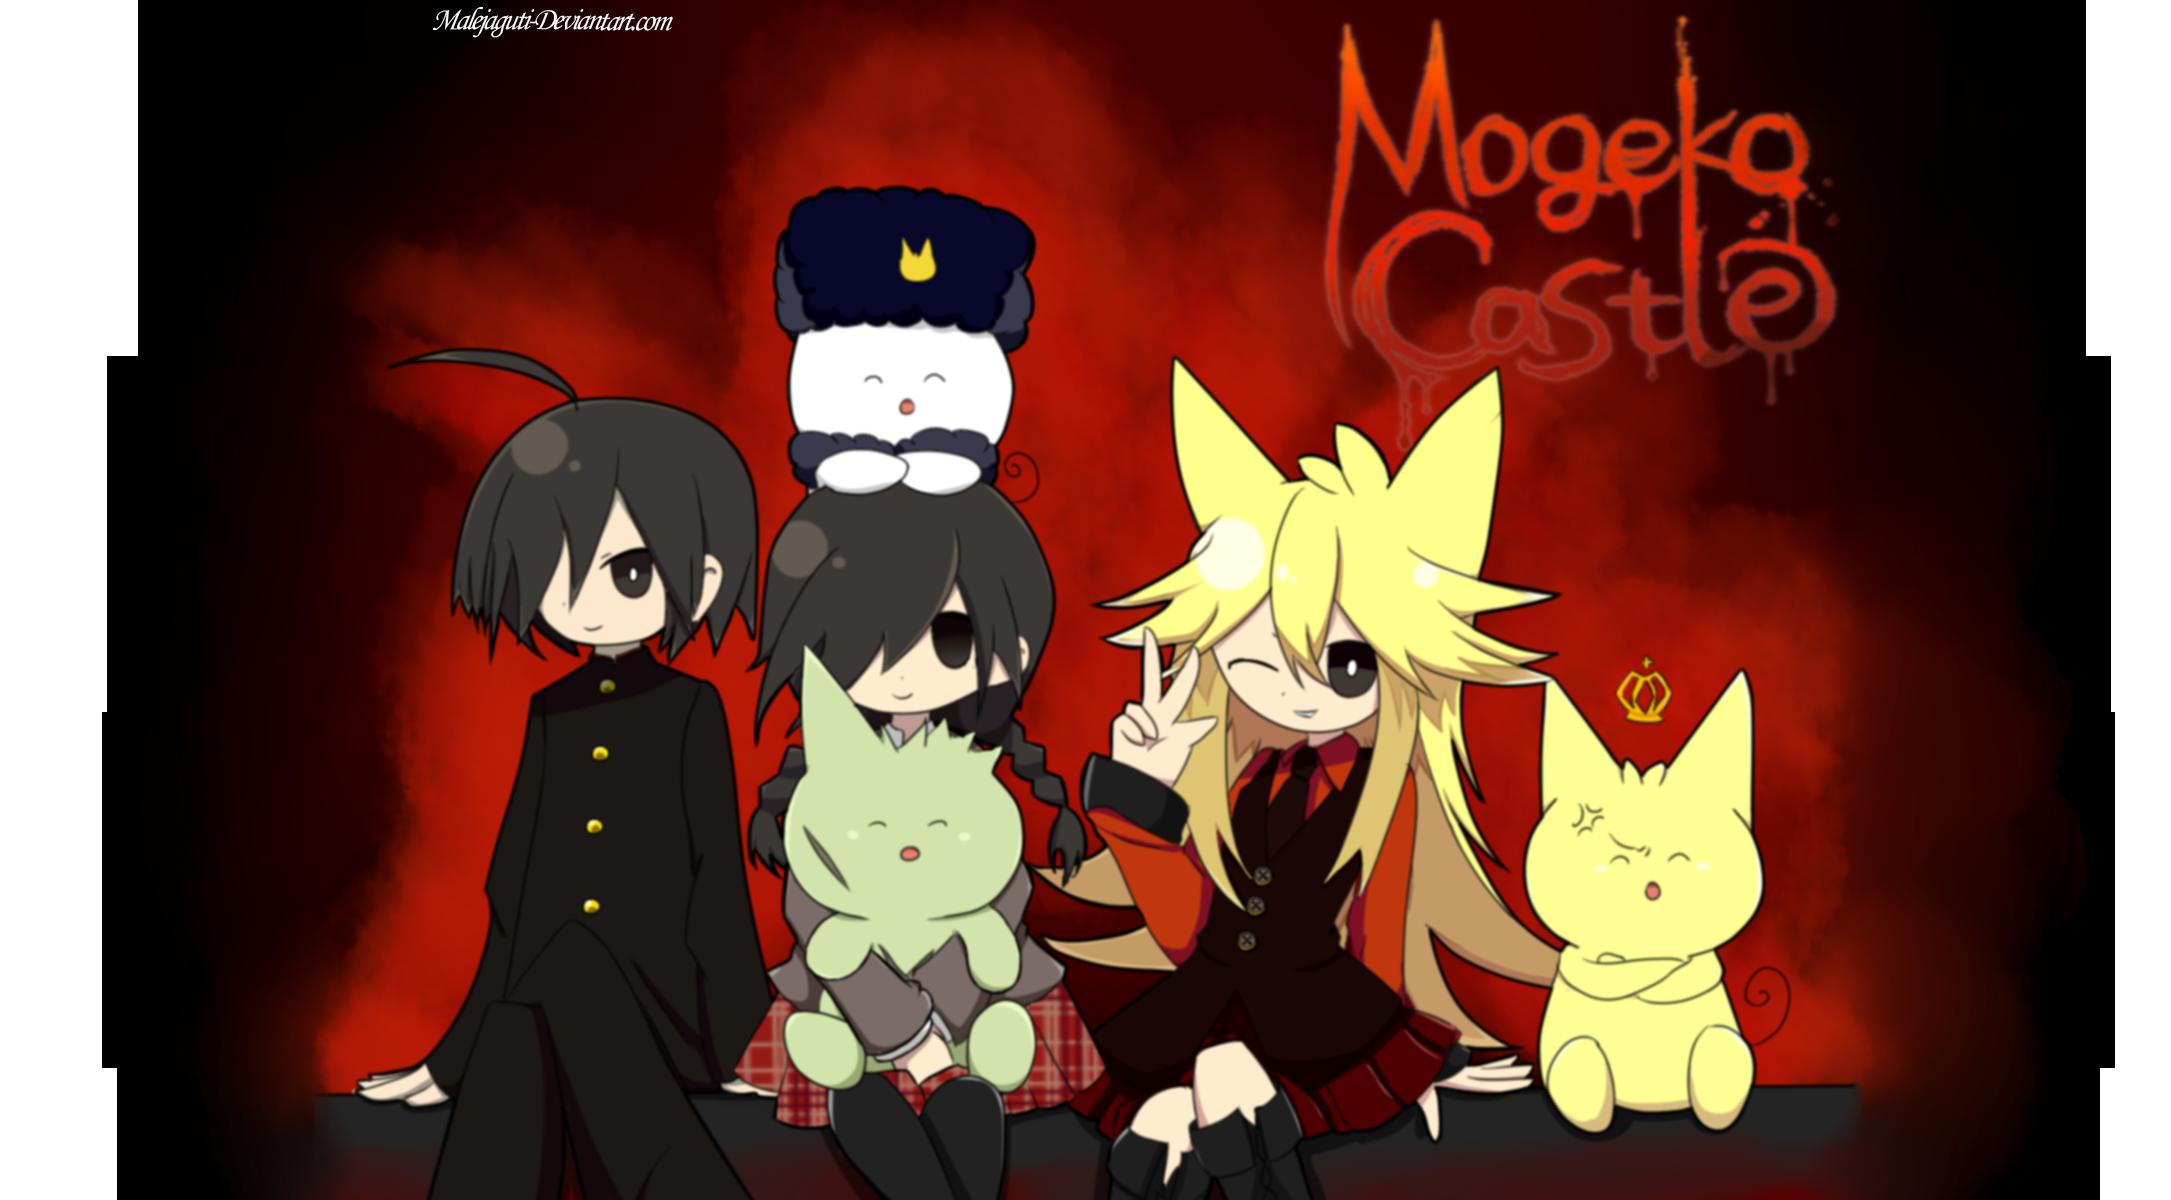 mogeko_castle_by_malejaguti-d7p0fhm.png